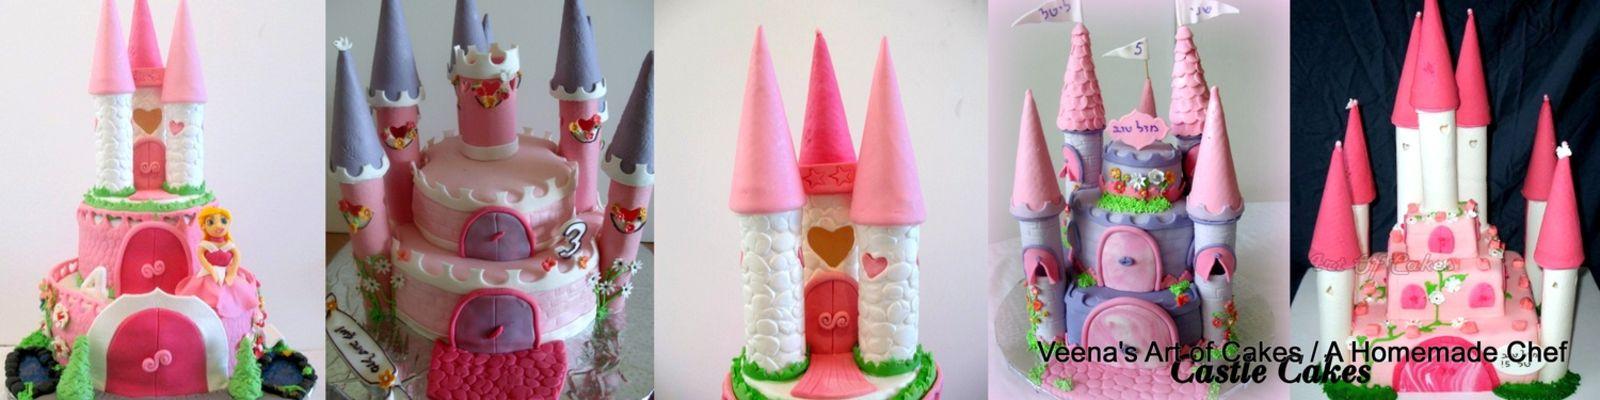 Medium_castle-cakes